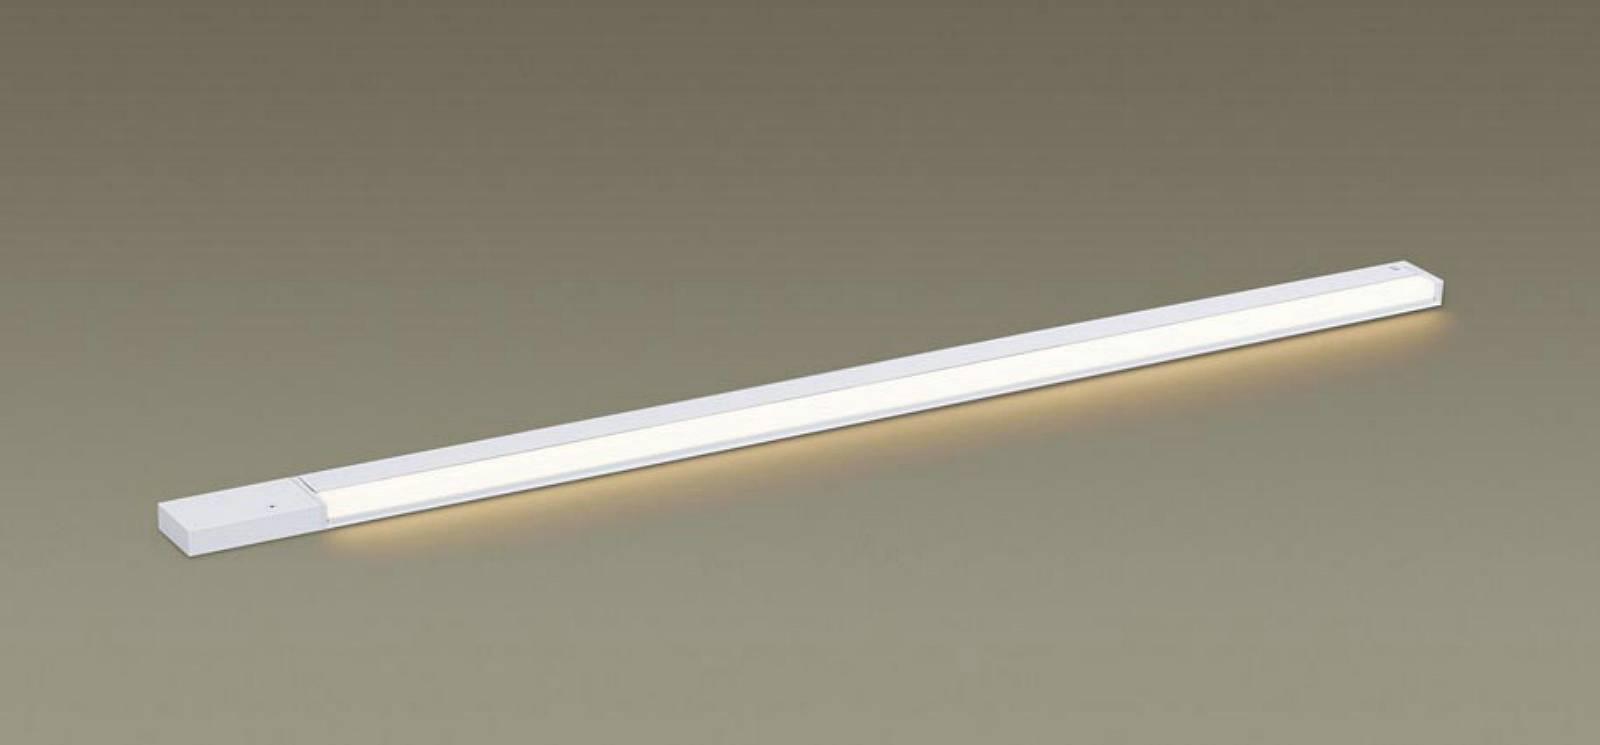 T区分 パナソニック LGB51242XG1 ベースライト 建築化照明器具 畳数設定無し LED【setsuden_led】